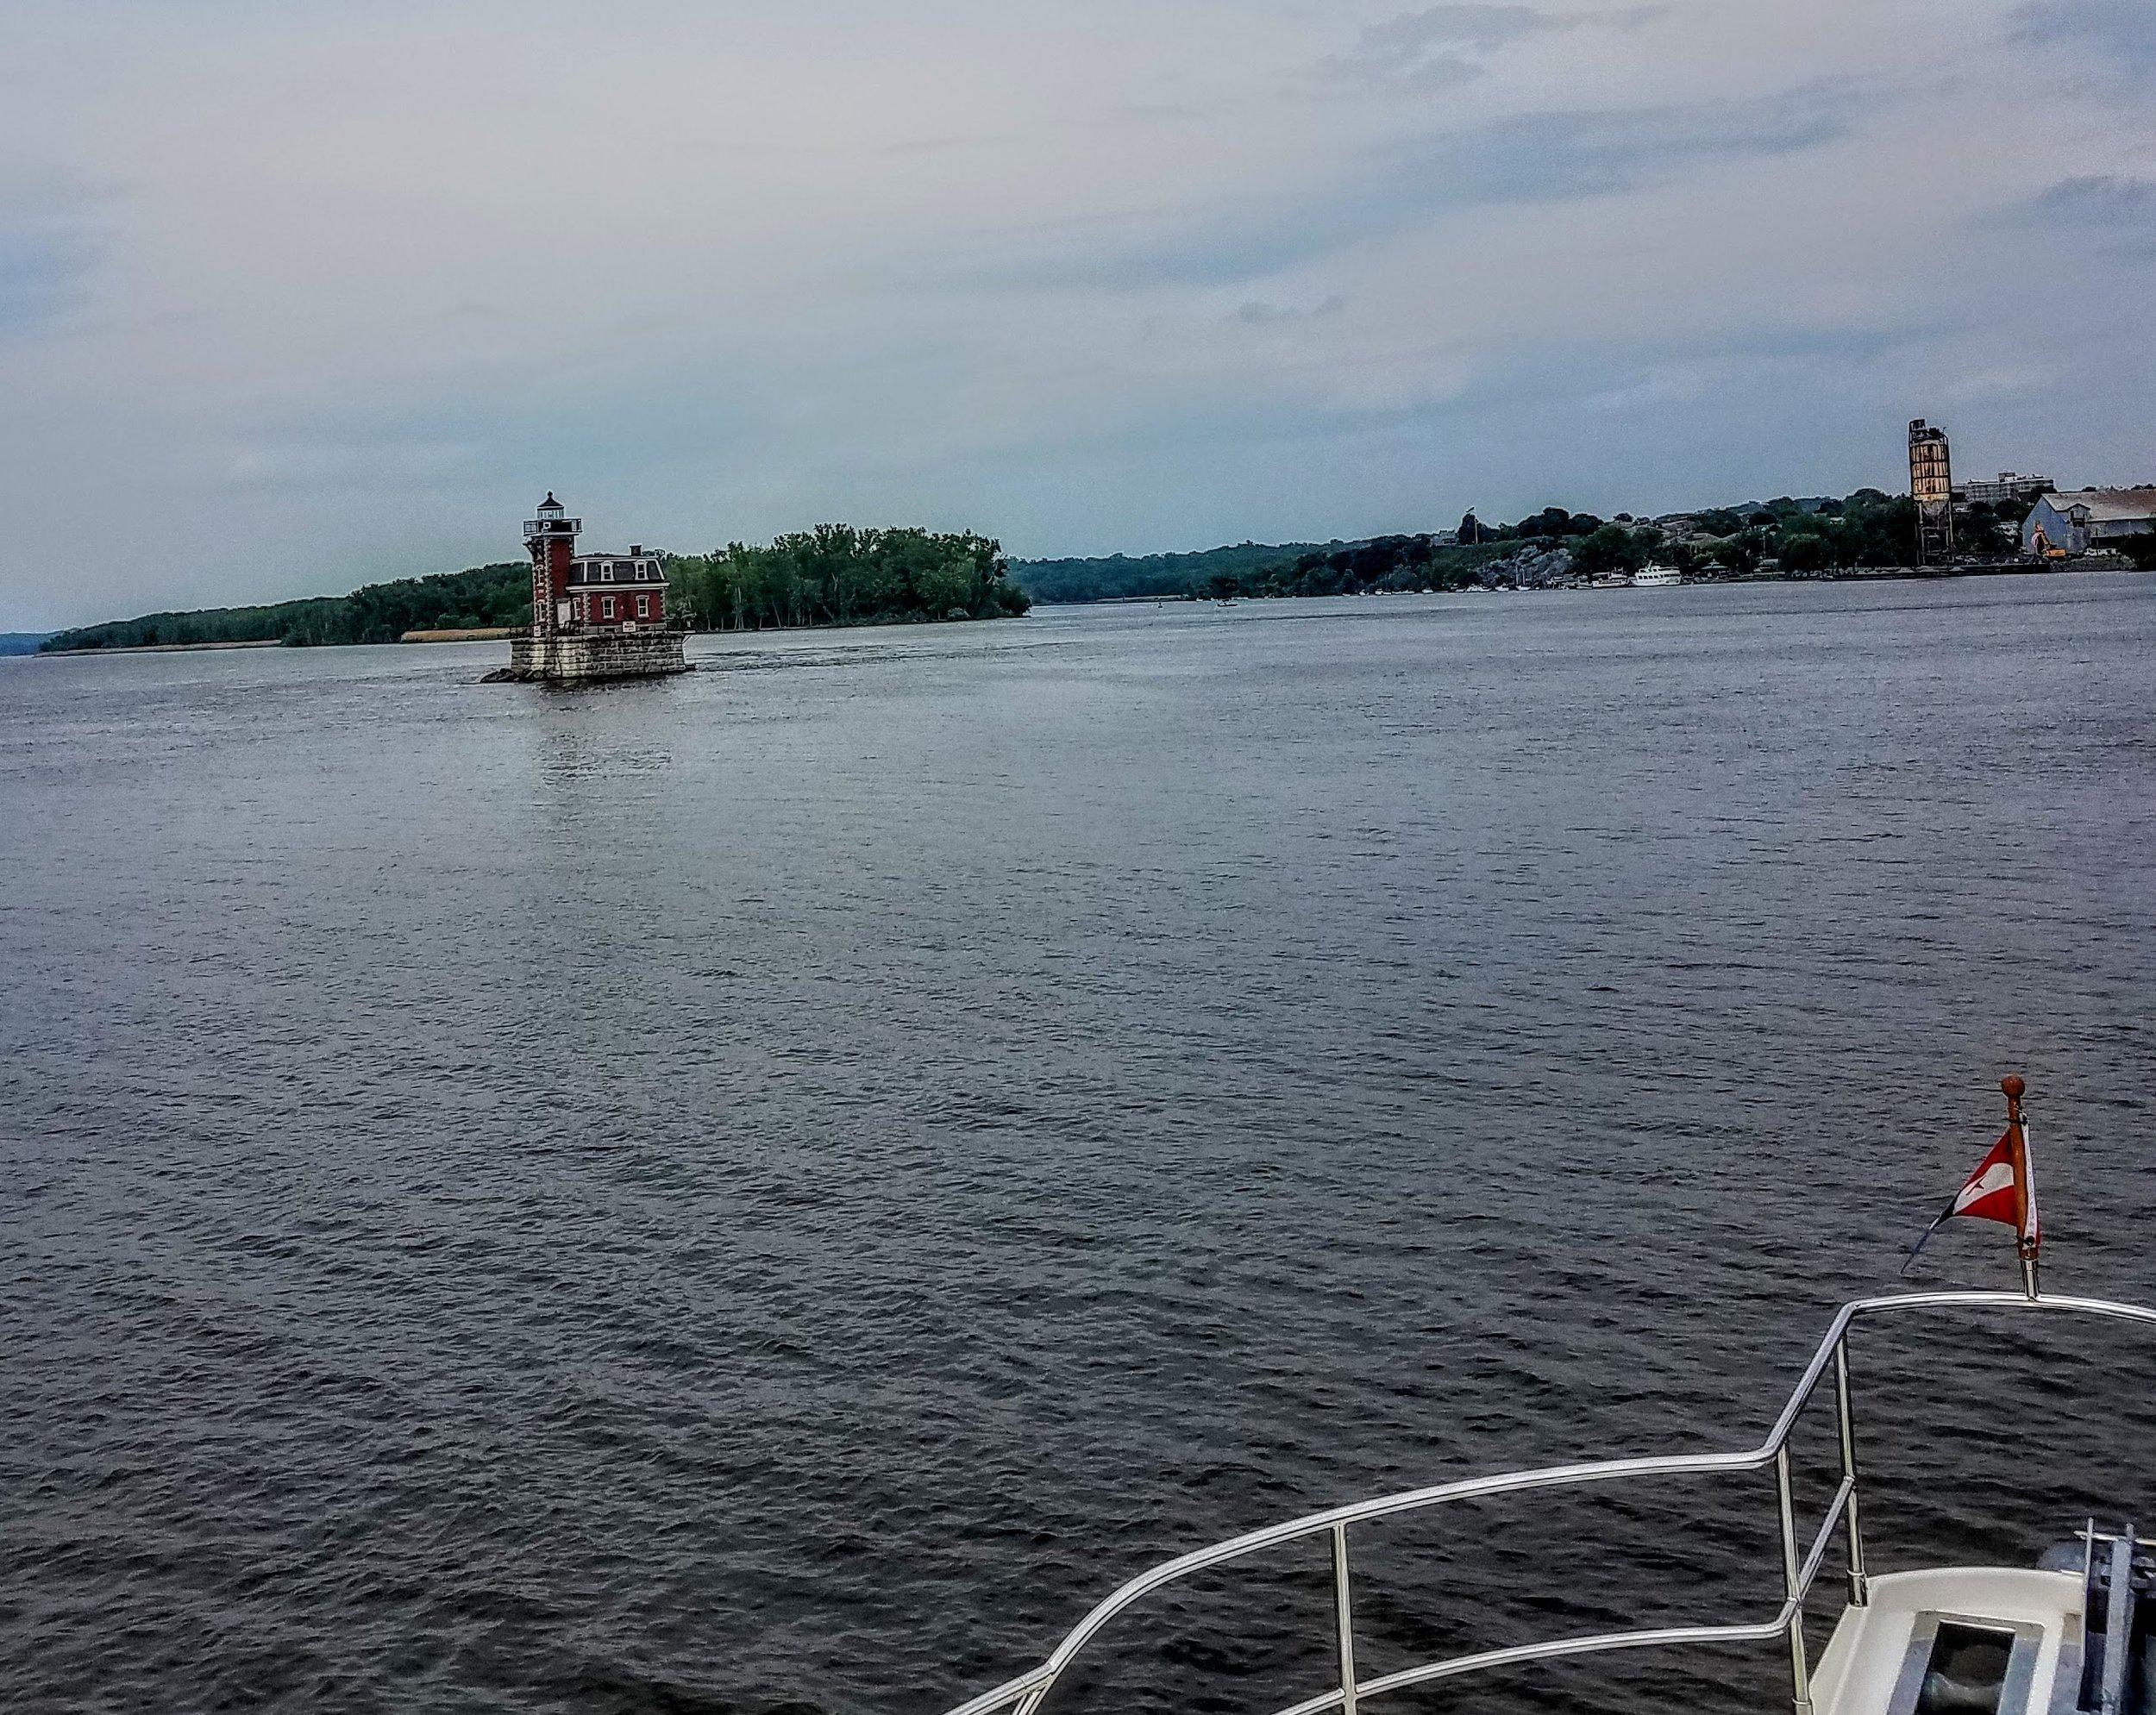 Hudson on the Hudson